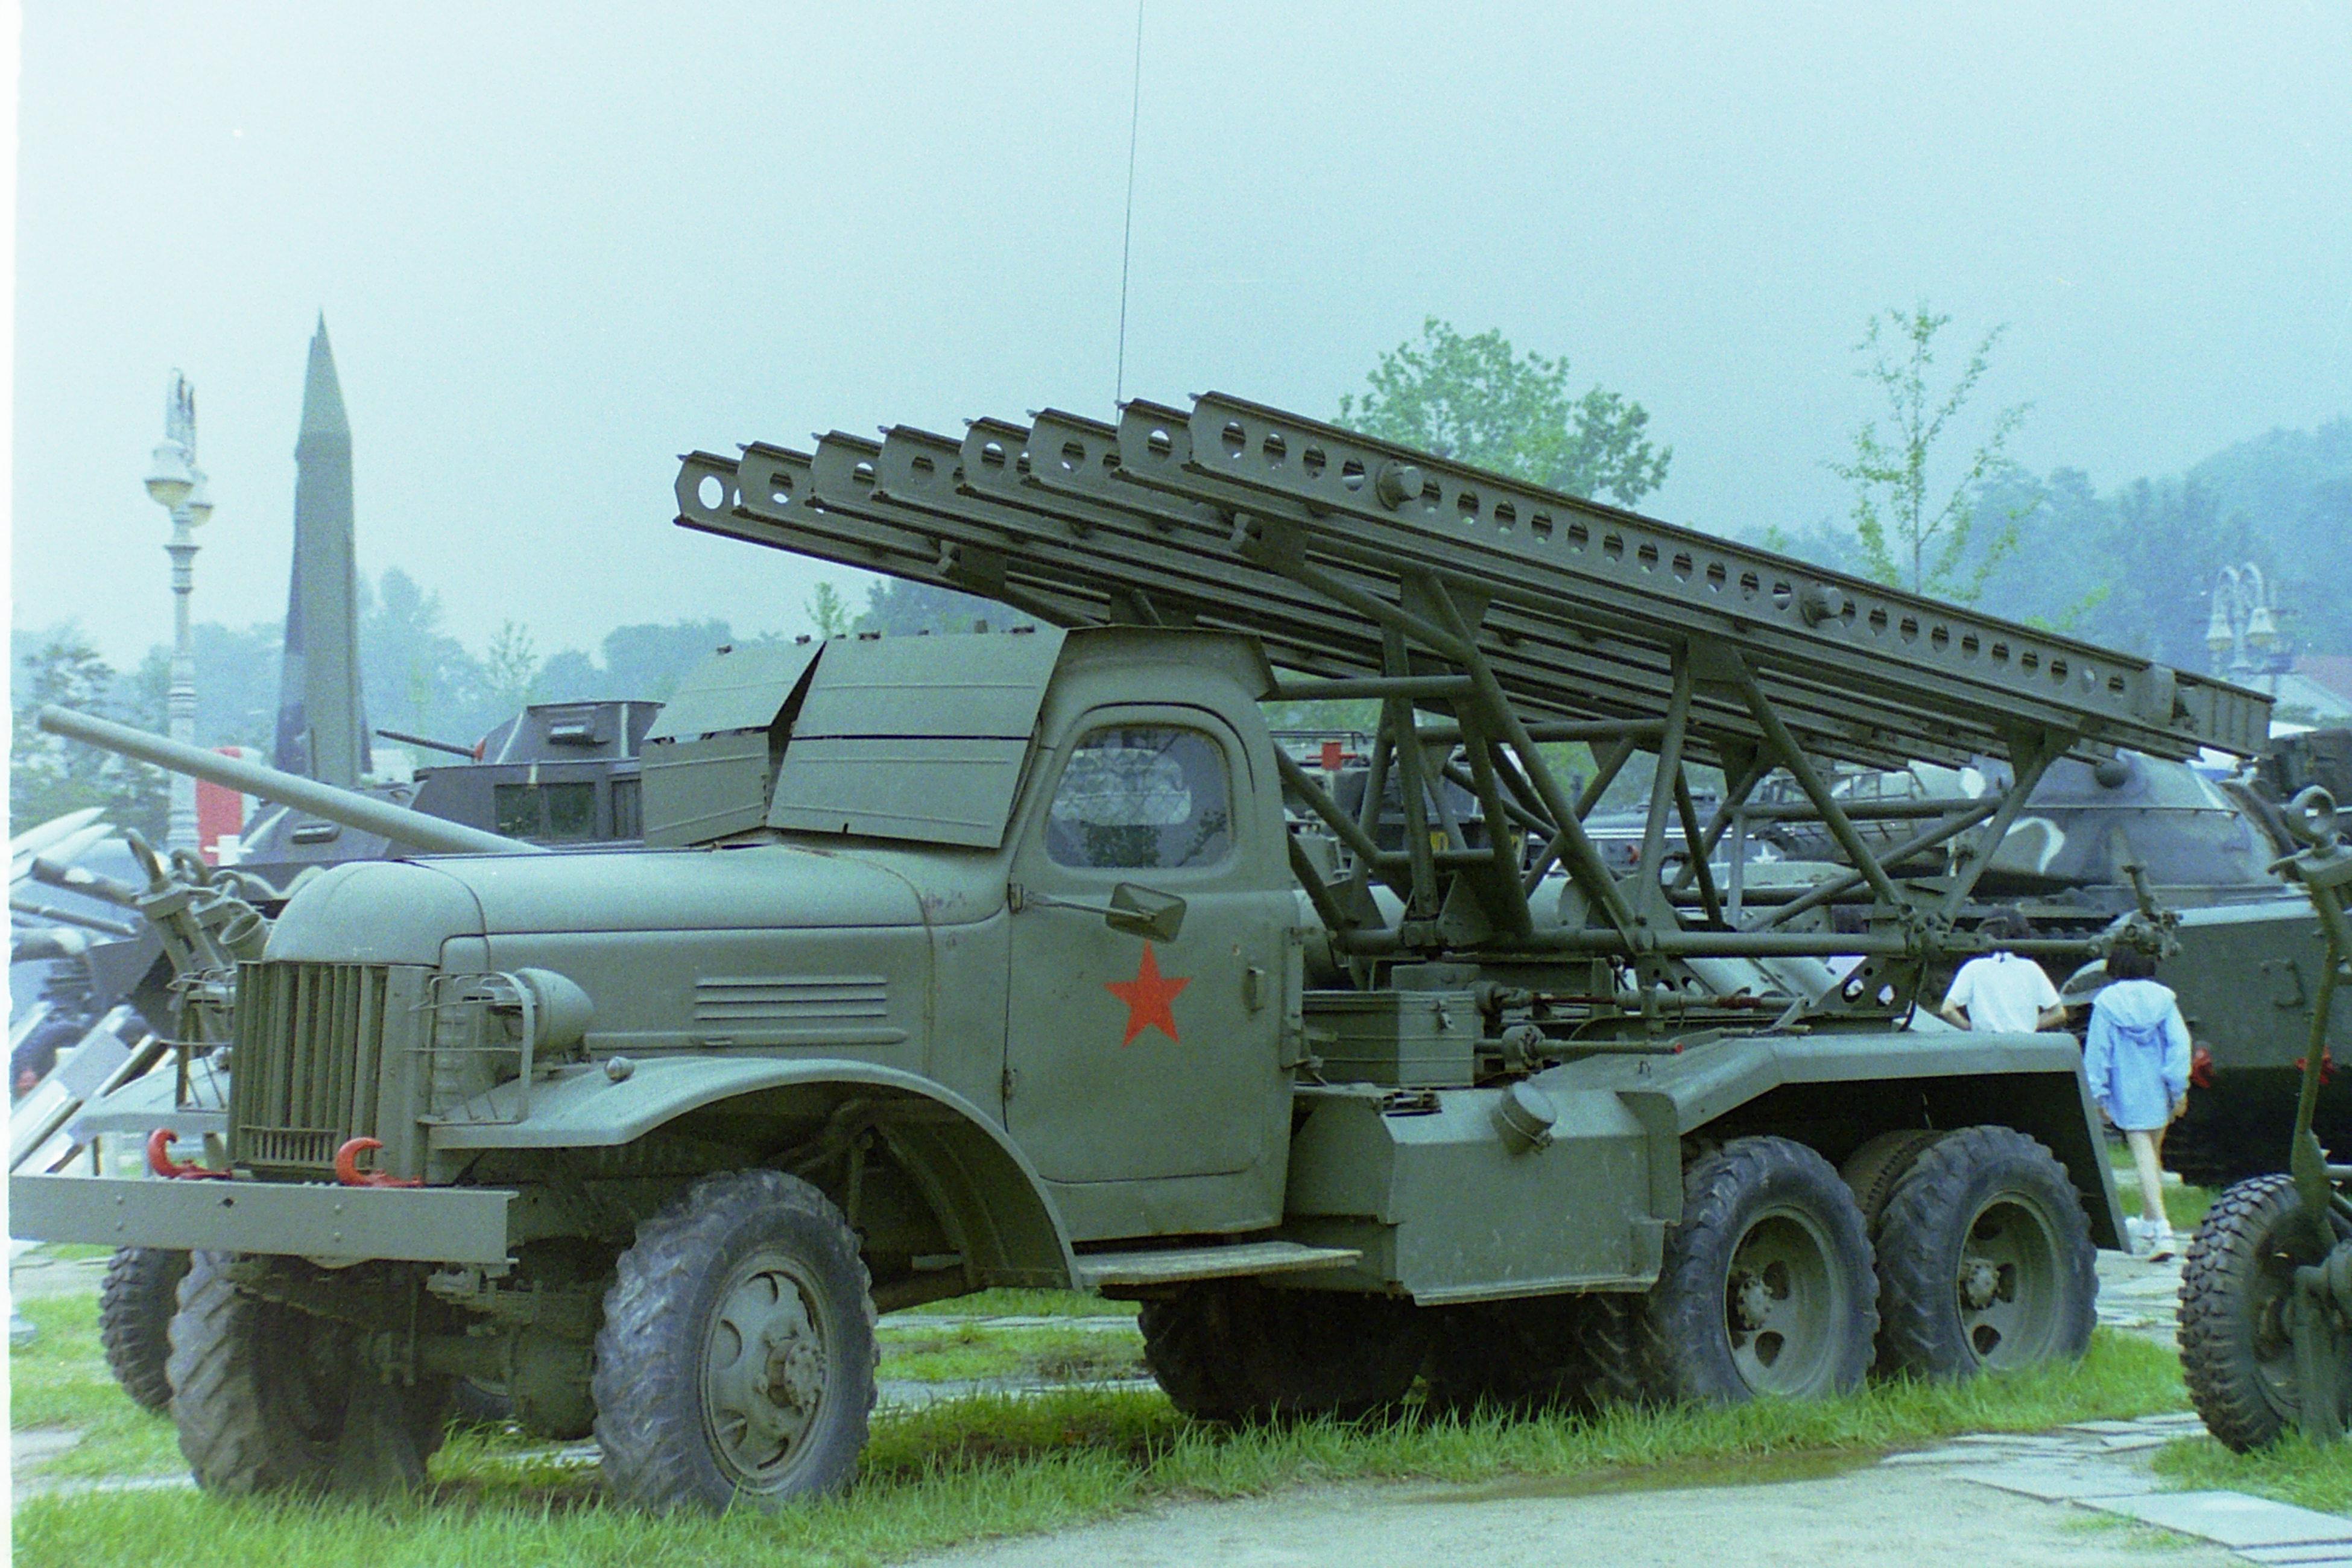 File:Katyusha rocket launcher on ZiS Spielvogel JPG